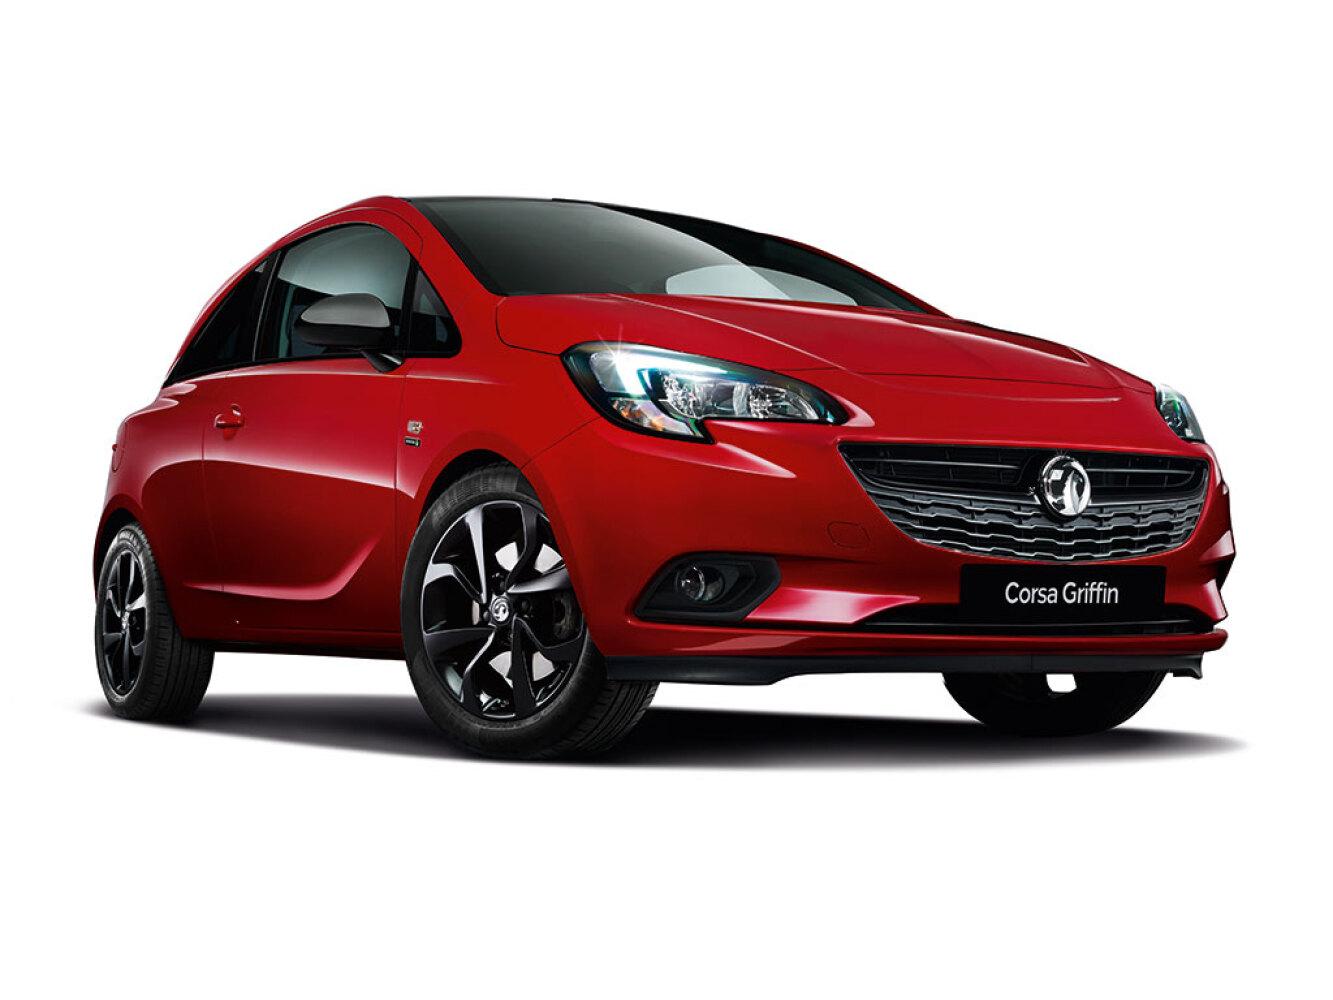 new vauxhall corsa 1 4 griffin 3dr petrol hatchback for. Black Bedroom Furniture Sets. Home Design Ideas